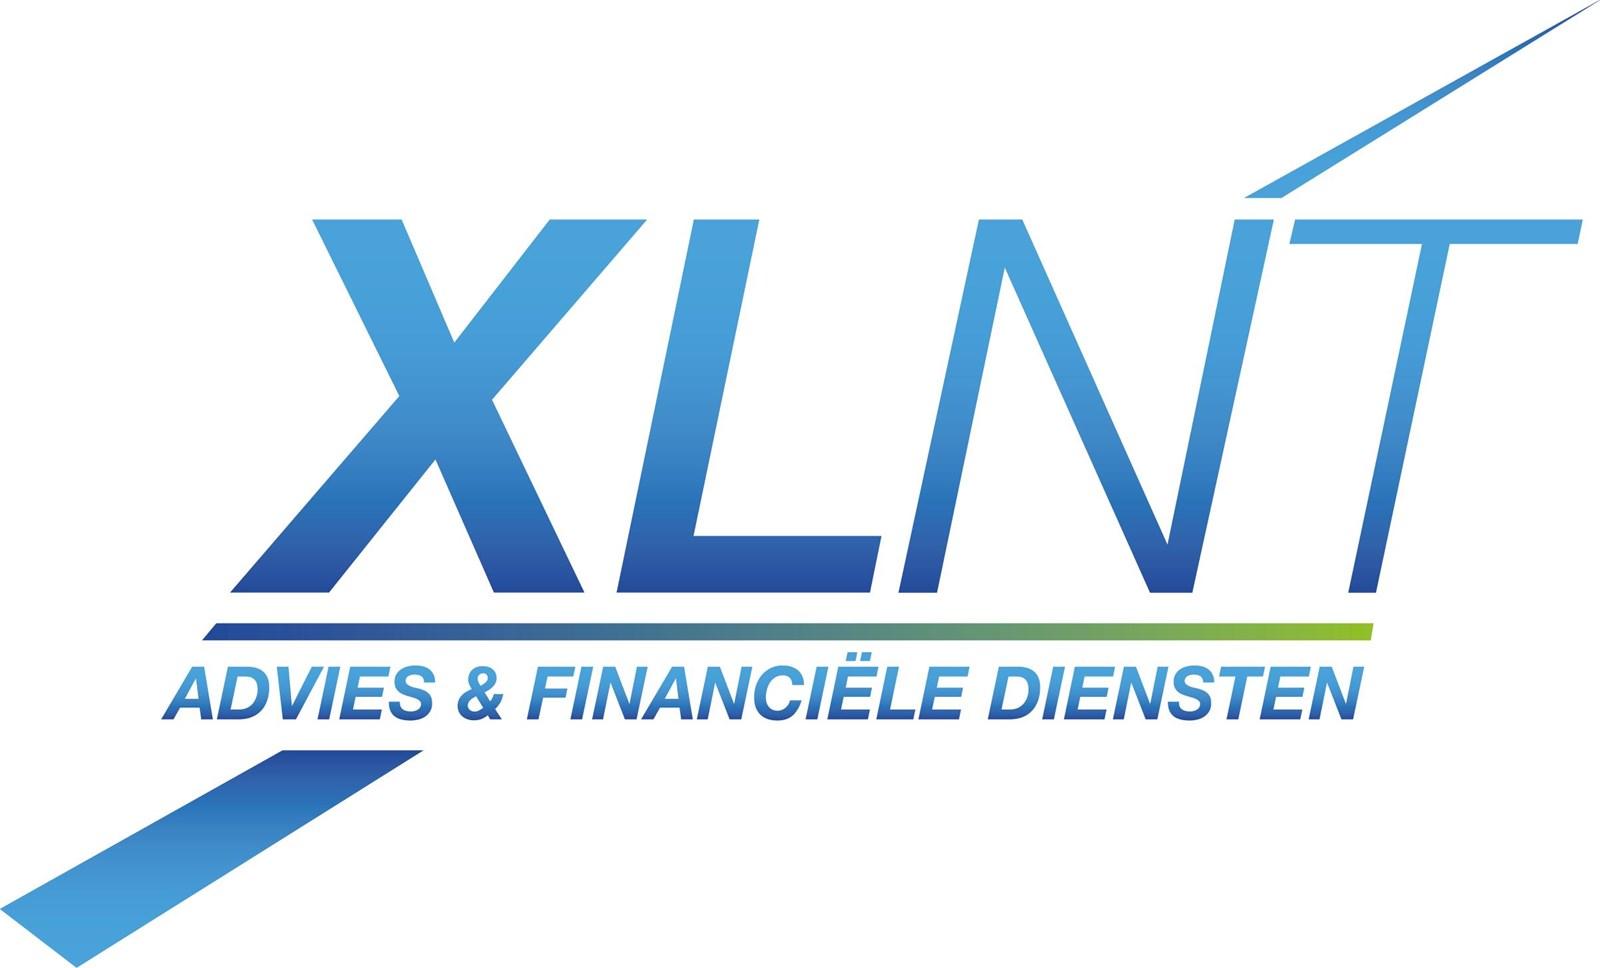 Afbeelding van XLNT advies & financiële dienstverlening